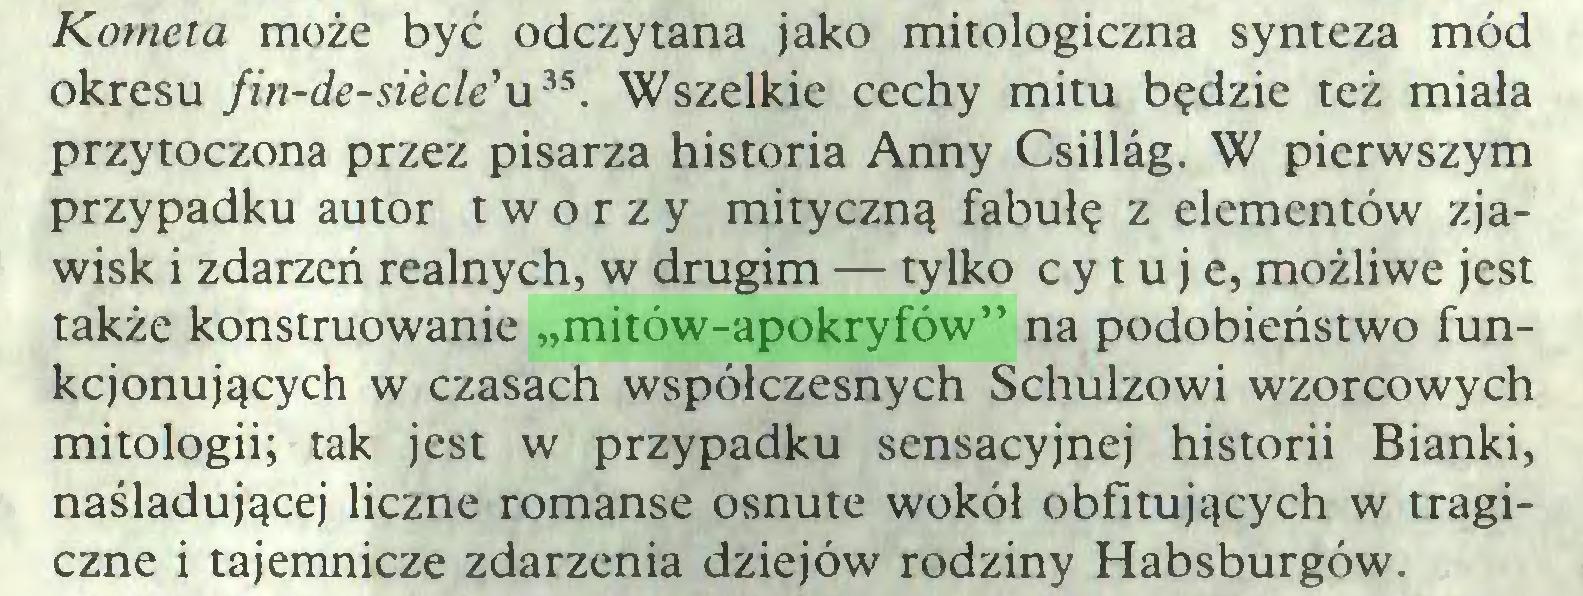 """(...) Kometa może być odczytana jako mitologiczna synteza mód okresu fin-de-siecWu3S. Wszelkie cechy mitu będzie też miała przytoczona przez pisarza historia Anny Csillag. W pierwszym przypadku autor tworzy mityczną fabułę z elementów zjawisk i zdarzeń realnych, w drugim — tylko cytuje, możliwe jest także konstruowanie """"mitów-apokryfów"""" na podobieństwo funkcjonujących w czasach współczesnych Schulzowi wzorcowych mitologii; tak jest w przypadku sensacyjnej historii Bianki, naśladującej liczne romanse osnute wokół obfitujących w tragiczne i tajemnicze zdarzenia dziejów rodziny Habsburgów..."""